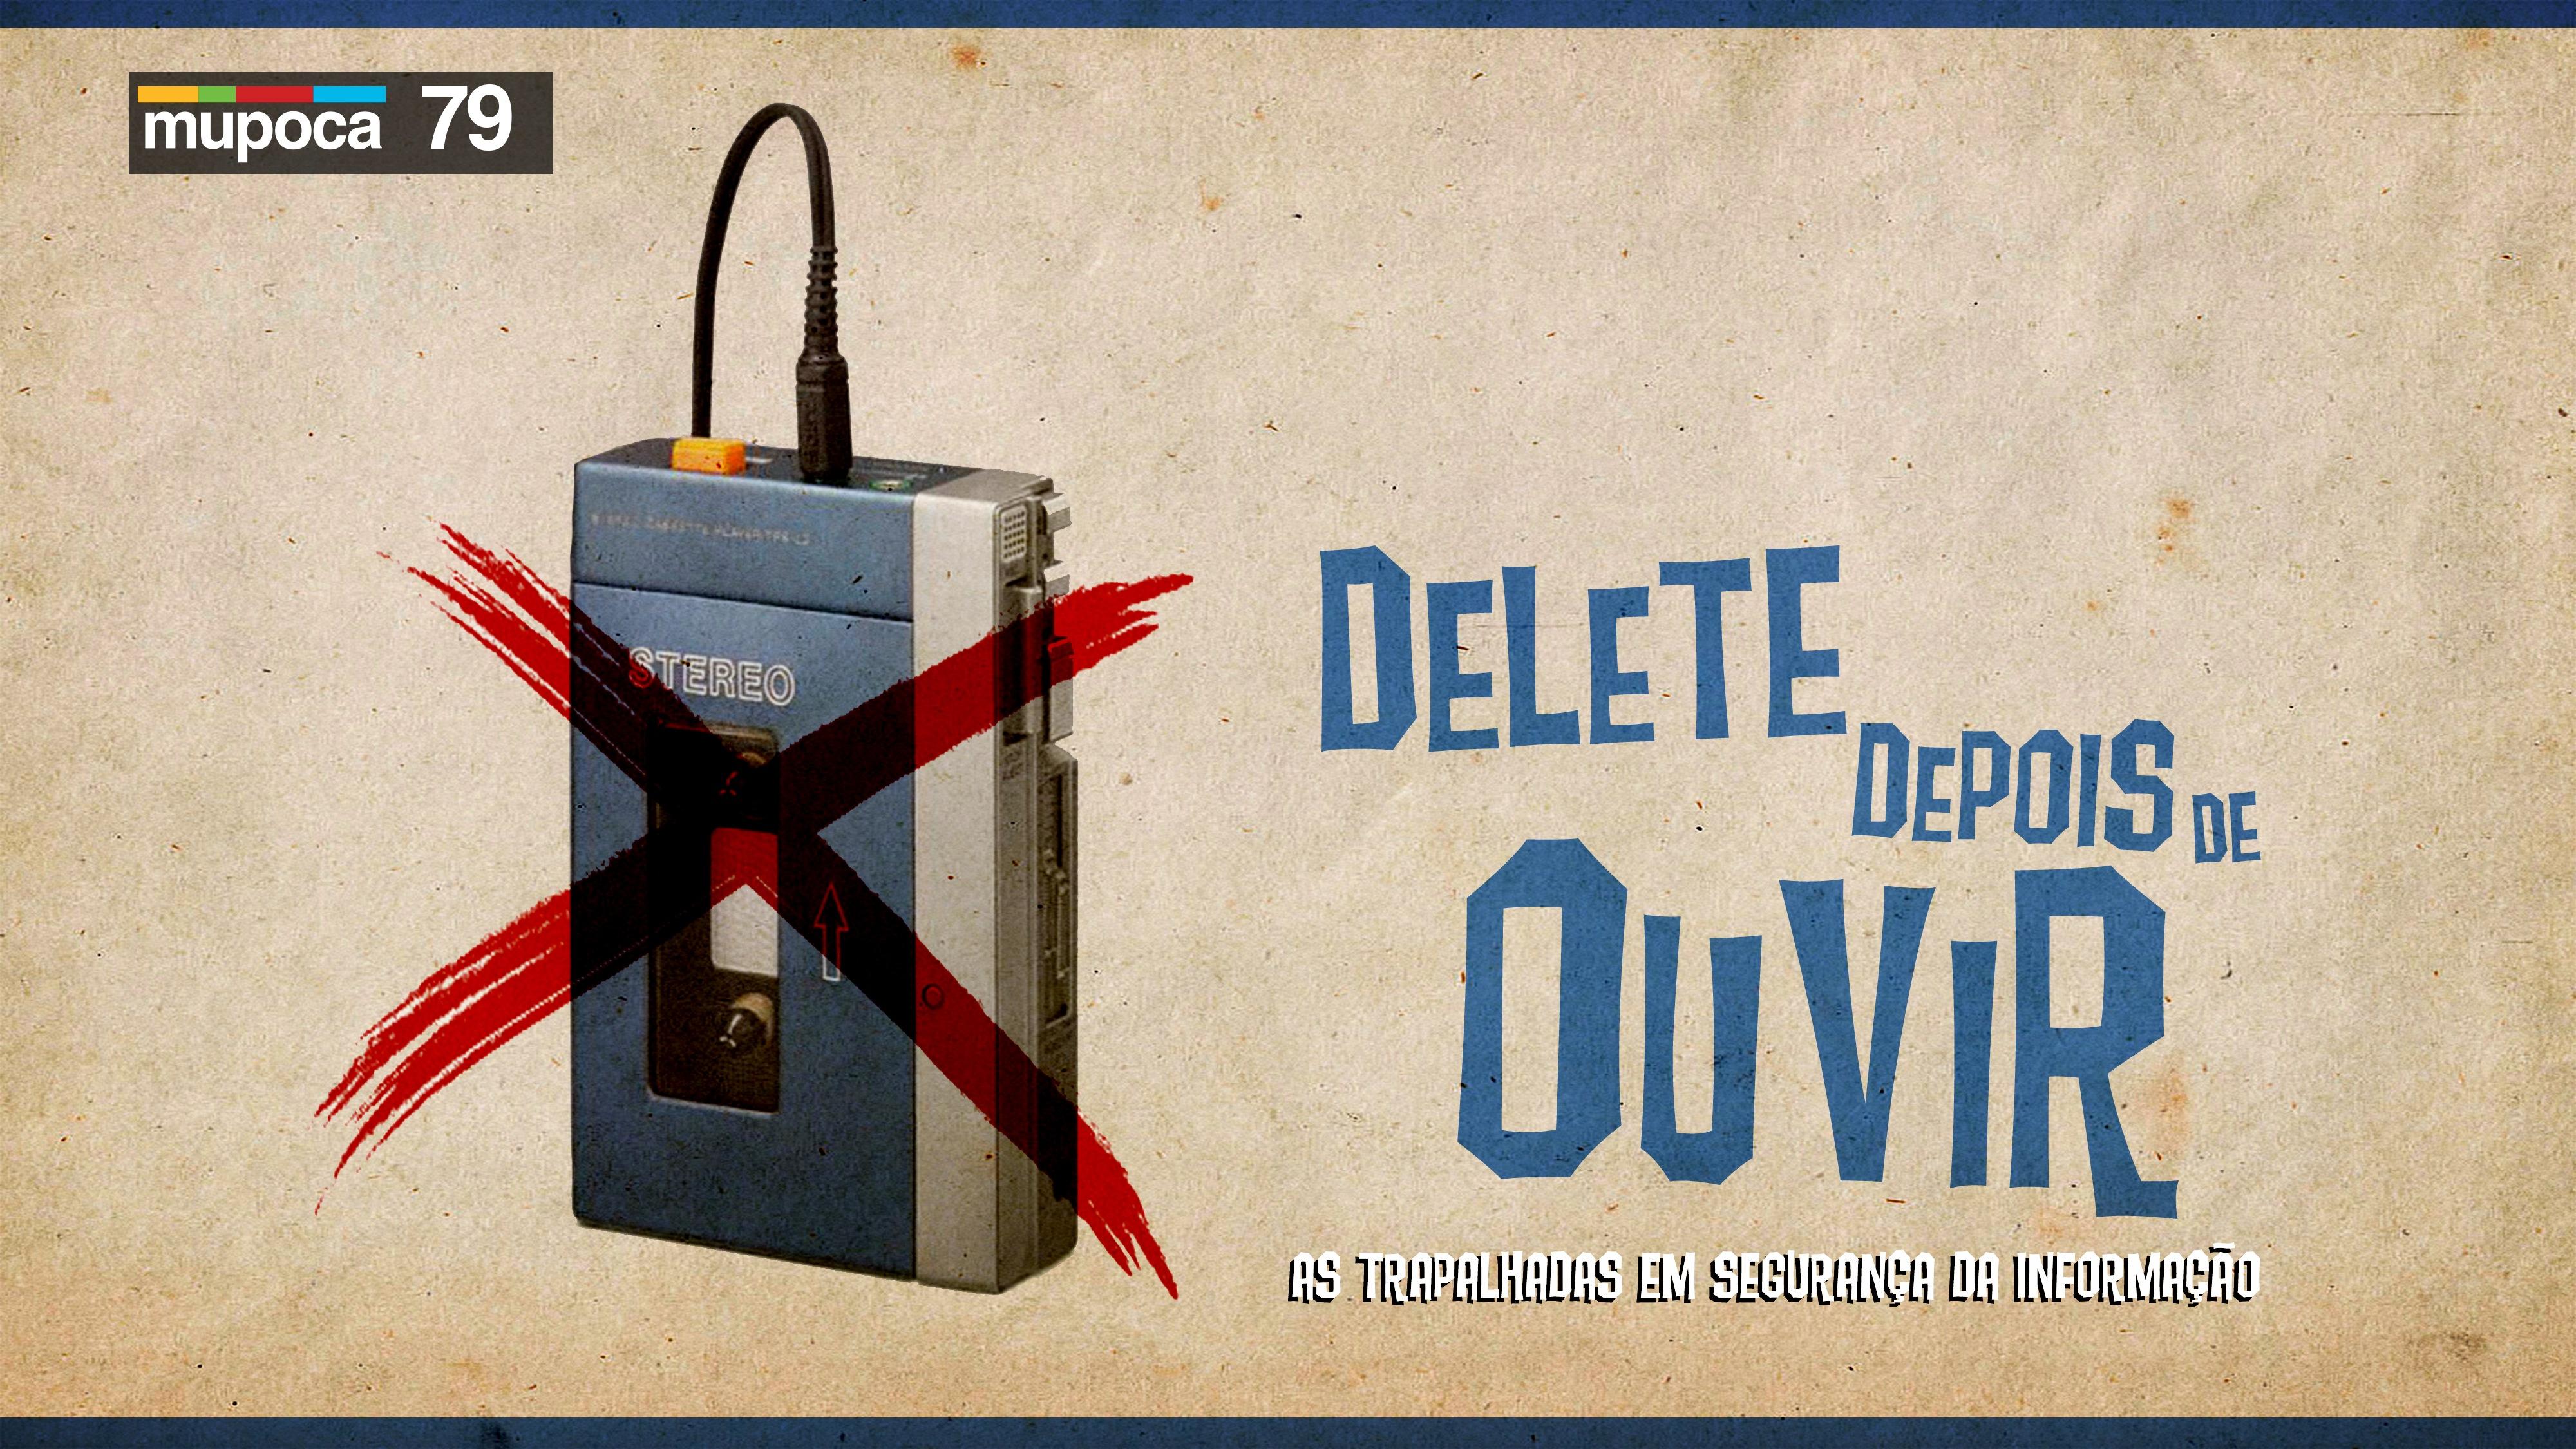 Mupoca #079 – Delete depois de ouvir – as trapalhadas em segurança da informação